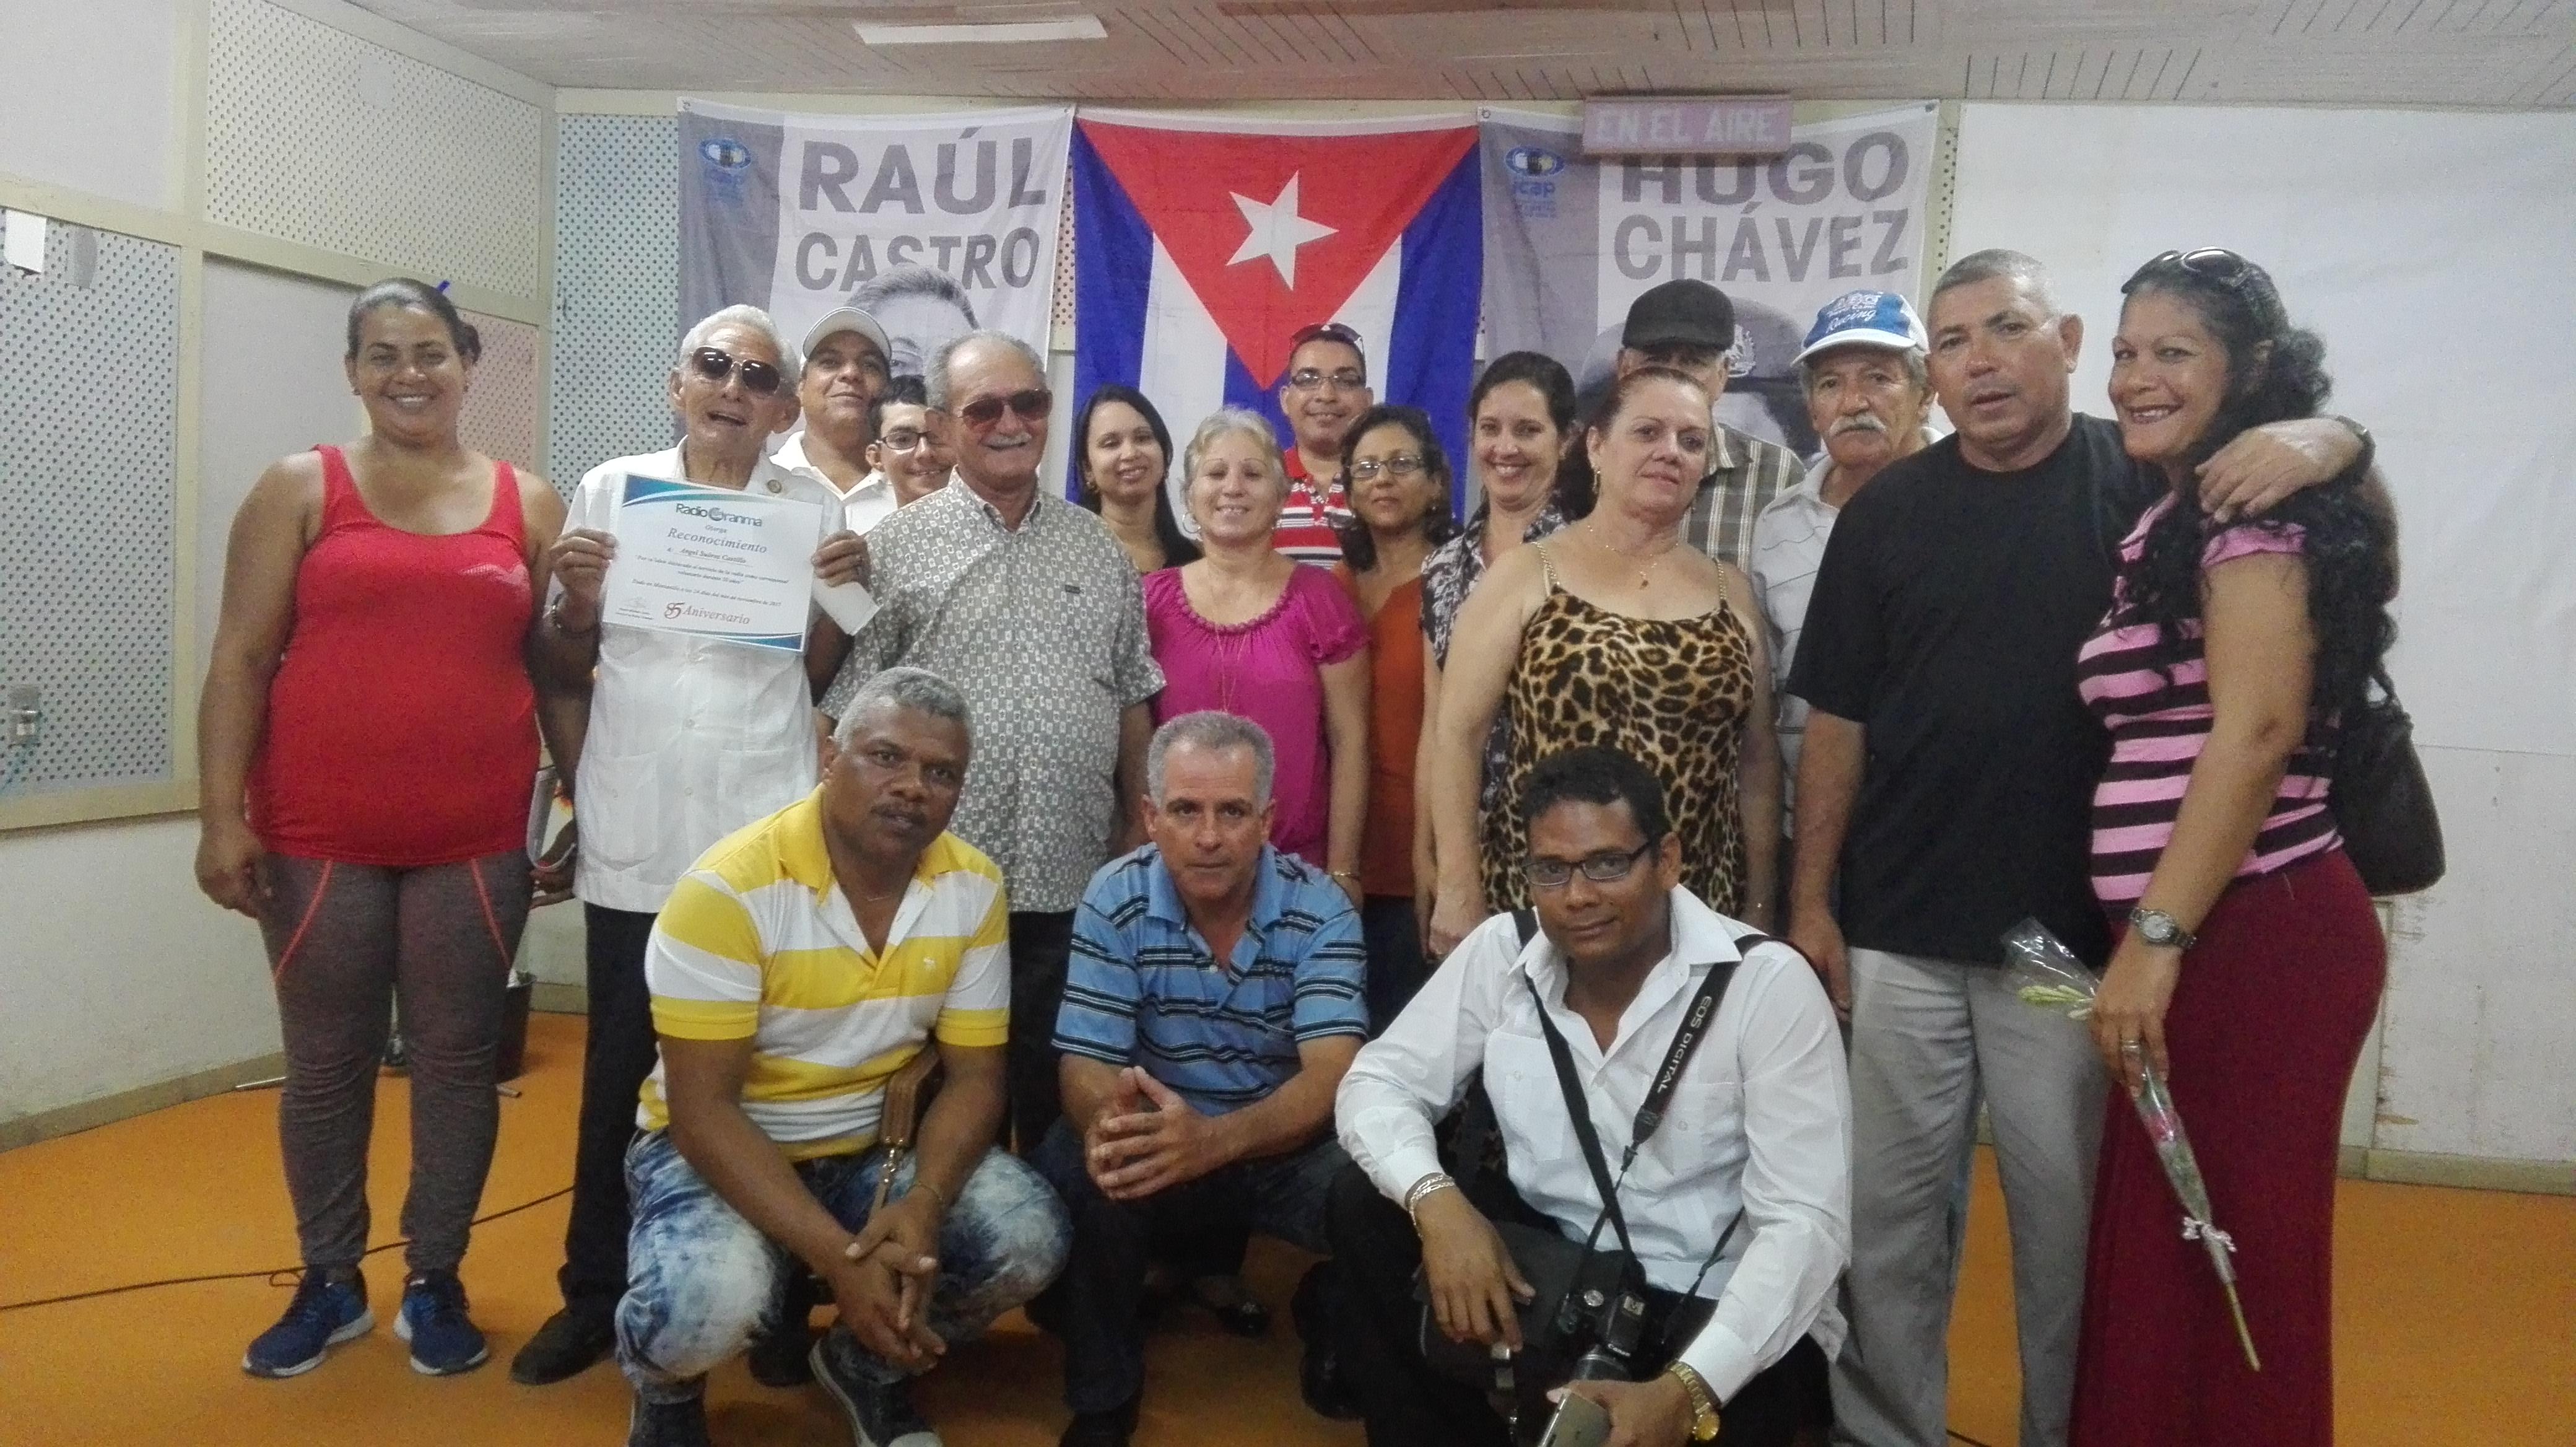 Periodistas manzanilleros festejan su día (+ fotos)